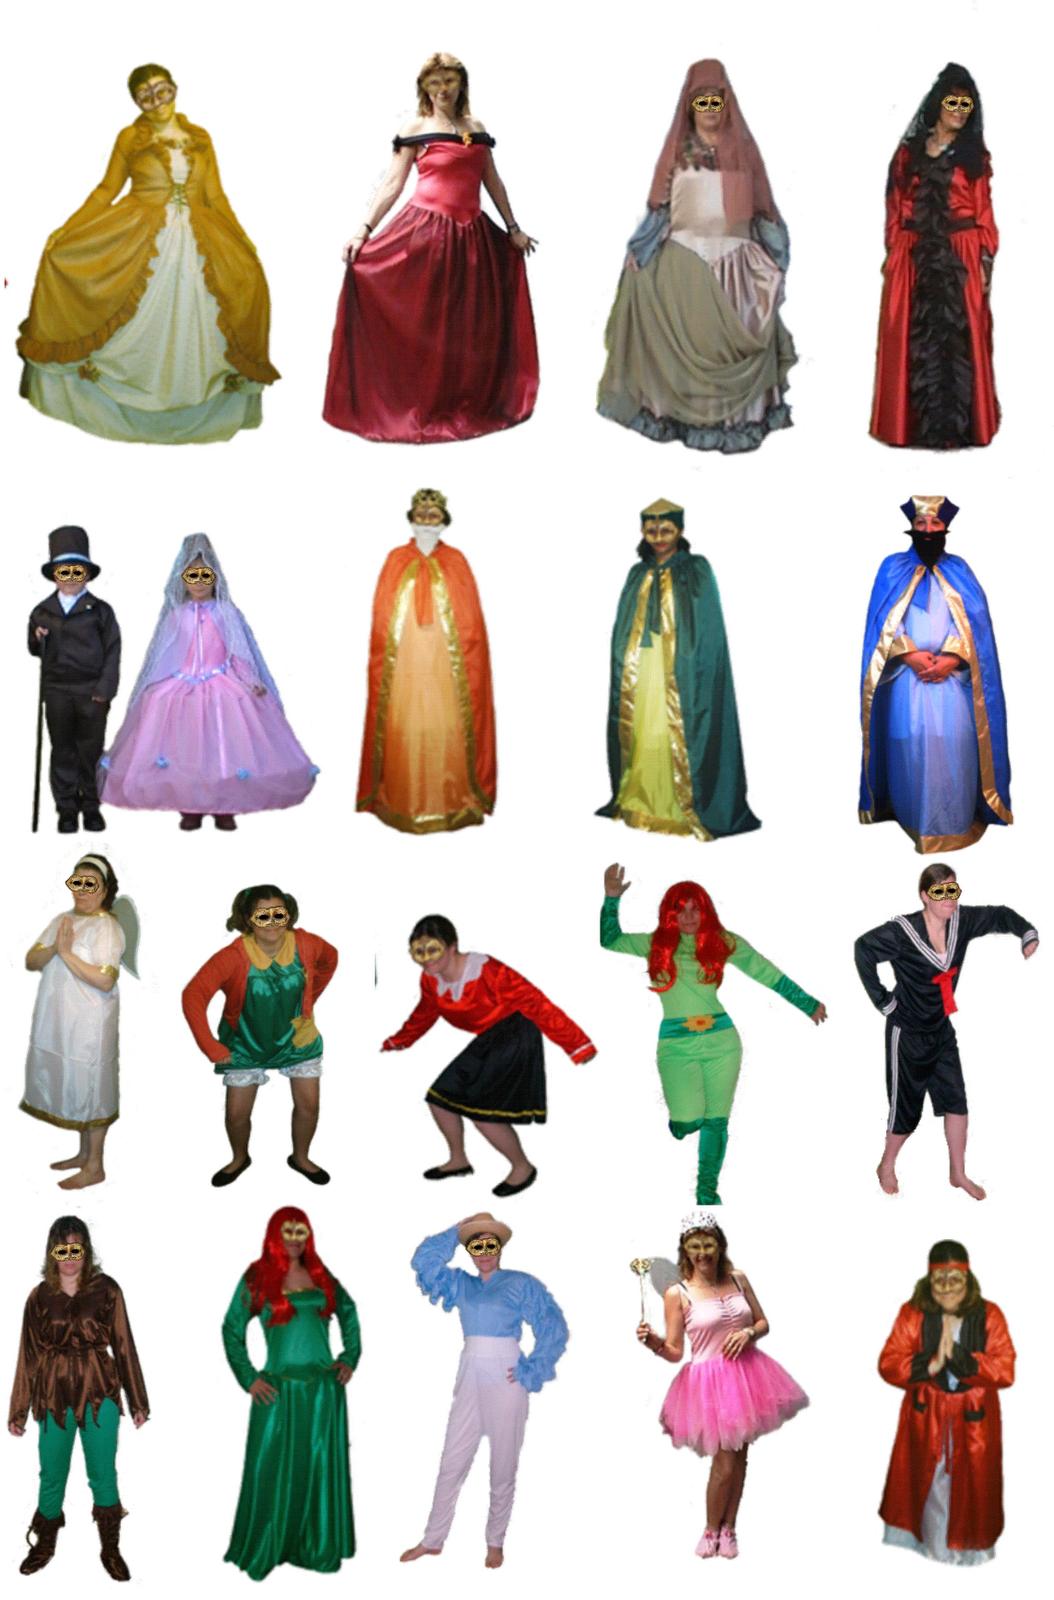 Boop disfraces disfraces patrios reyes series pelis for Disfraces cabezones